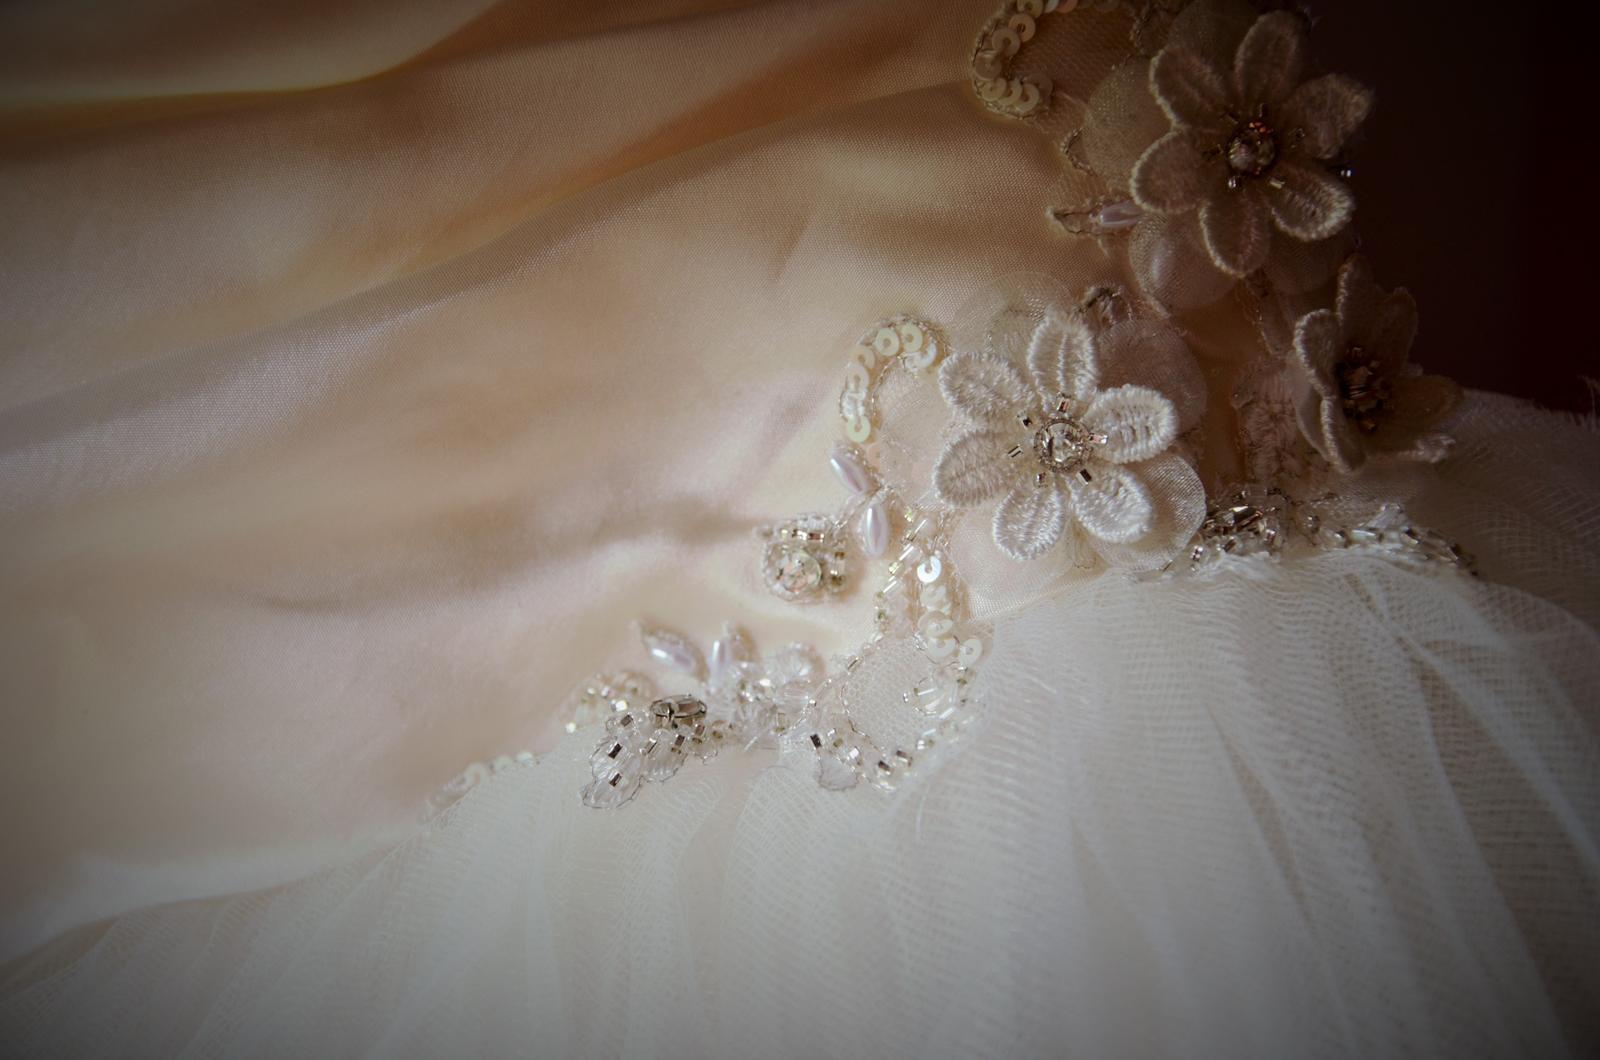 Svadobne šaty-modern wedding tulle dress - Obrázok č. 3